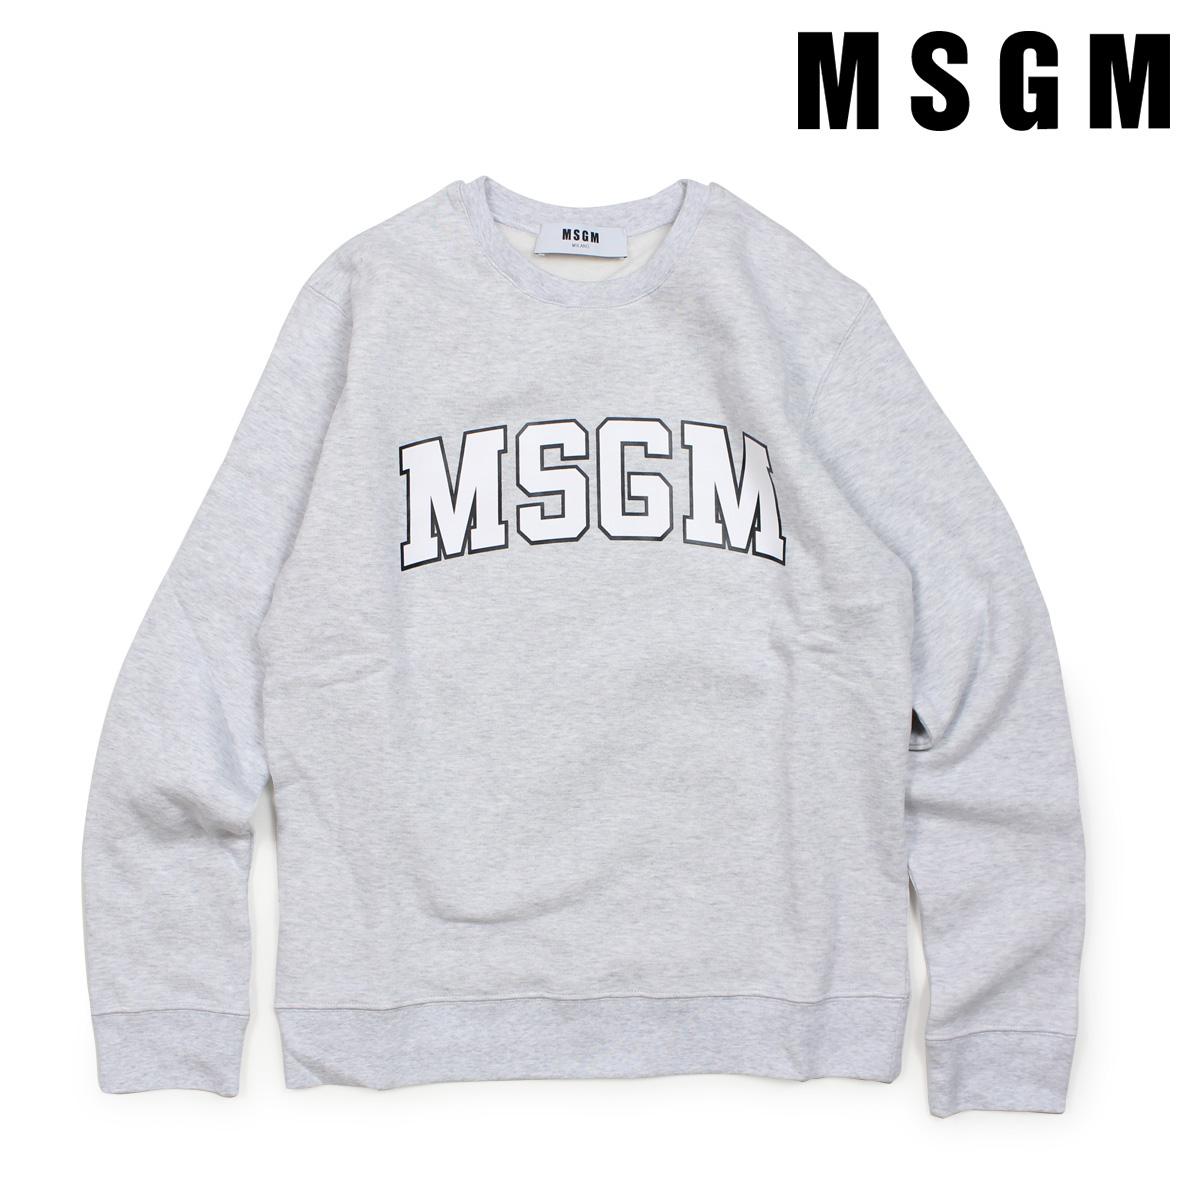 MSGM LONG SLEEVED SHIRTS トレーナー スウェット レディース エムエスジーエム グレー 2541MDM163 184769